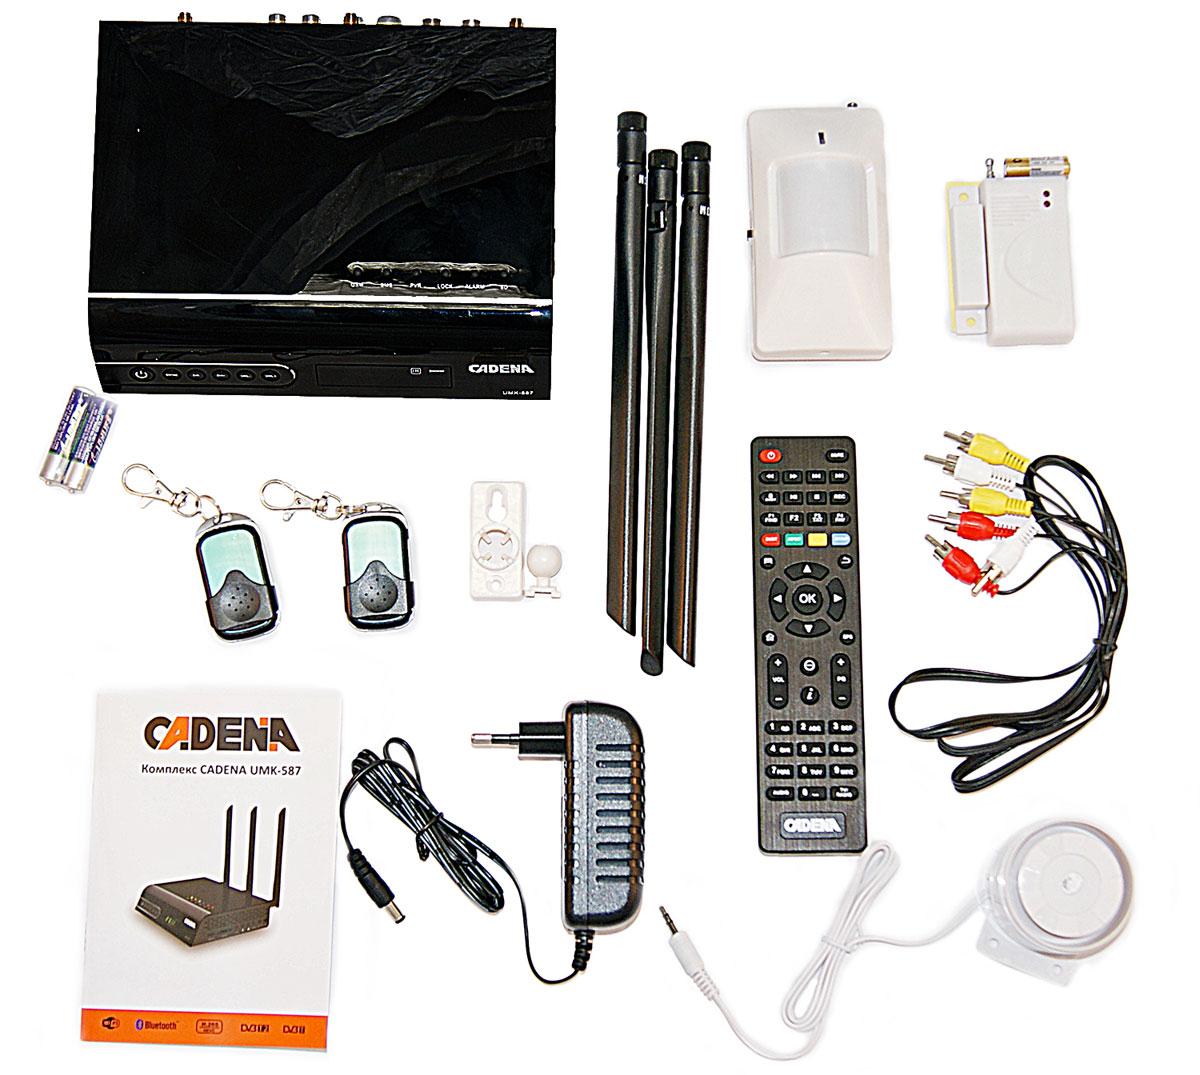 Cadena UMK-587 мультимедийный комплекс с набором датчиков